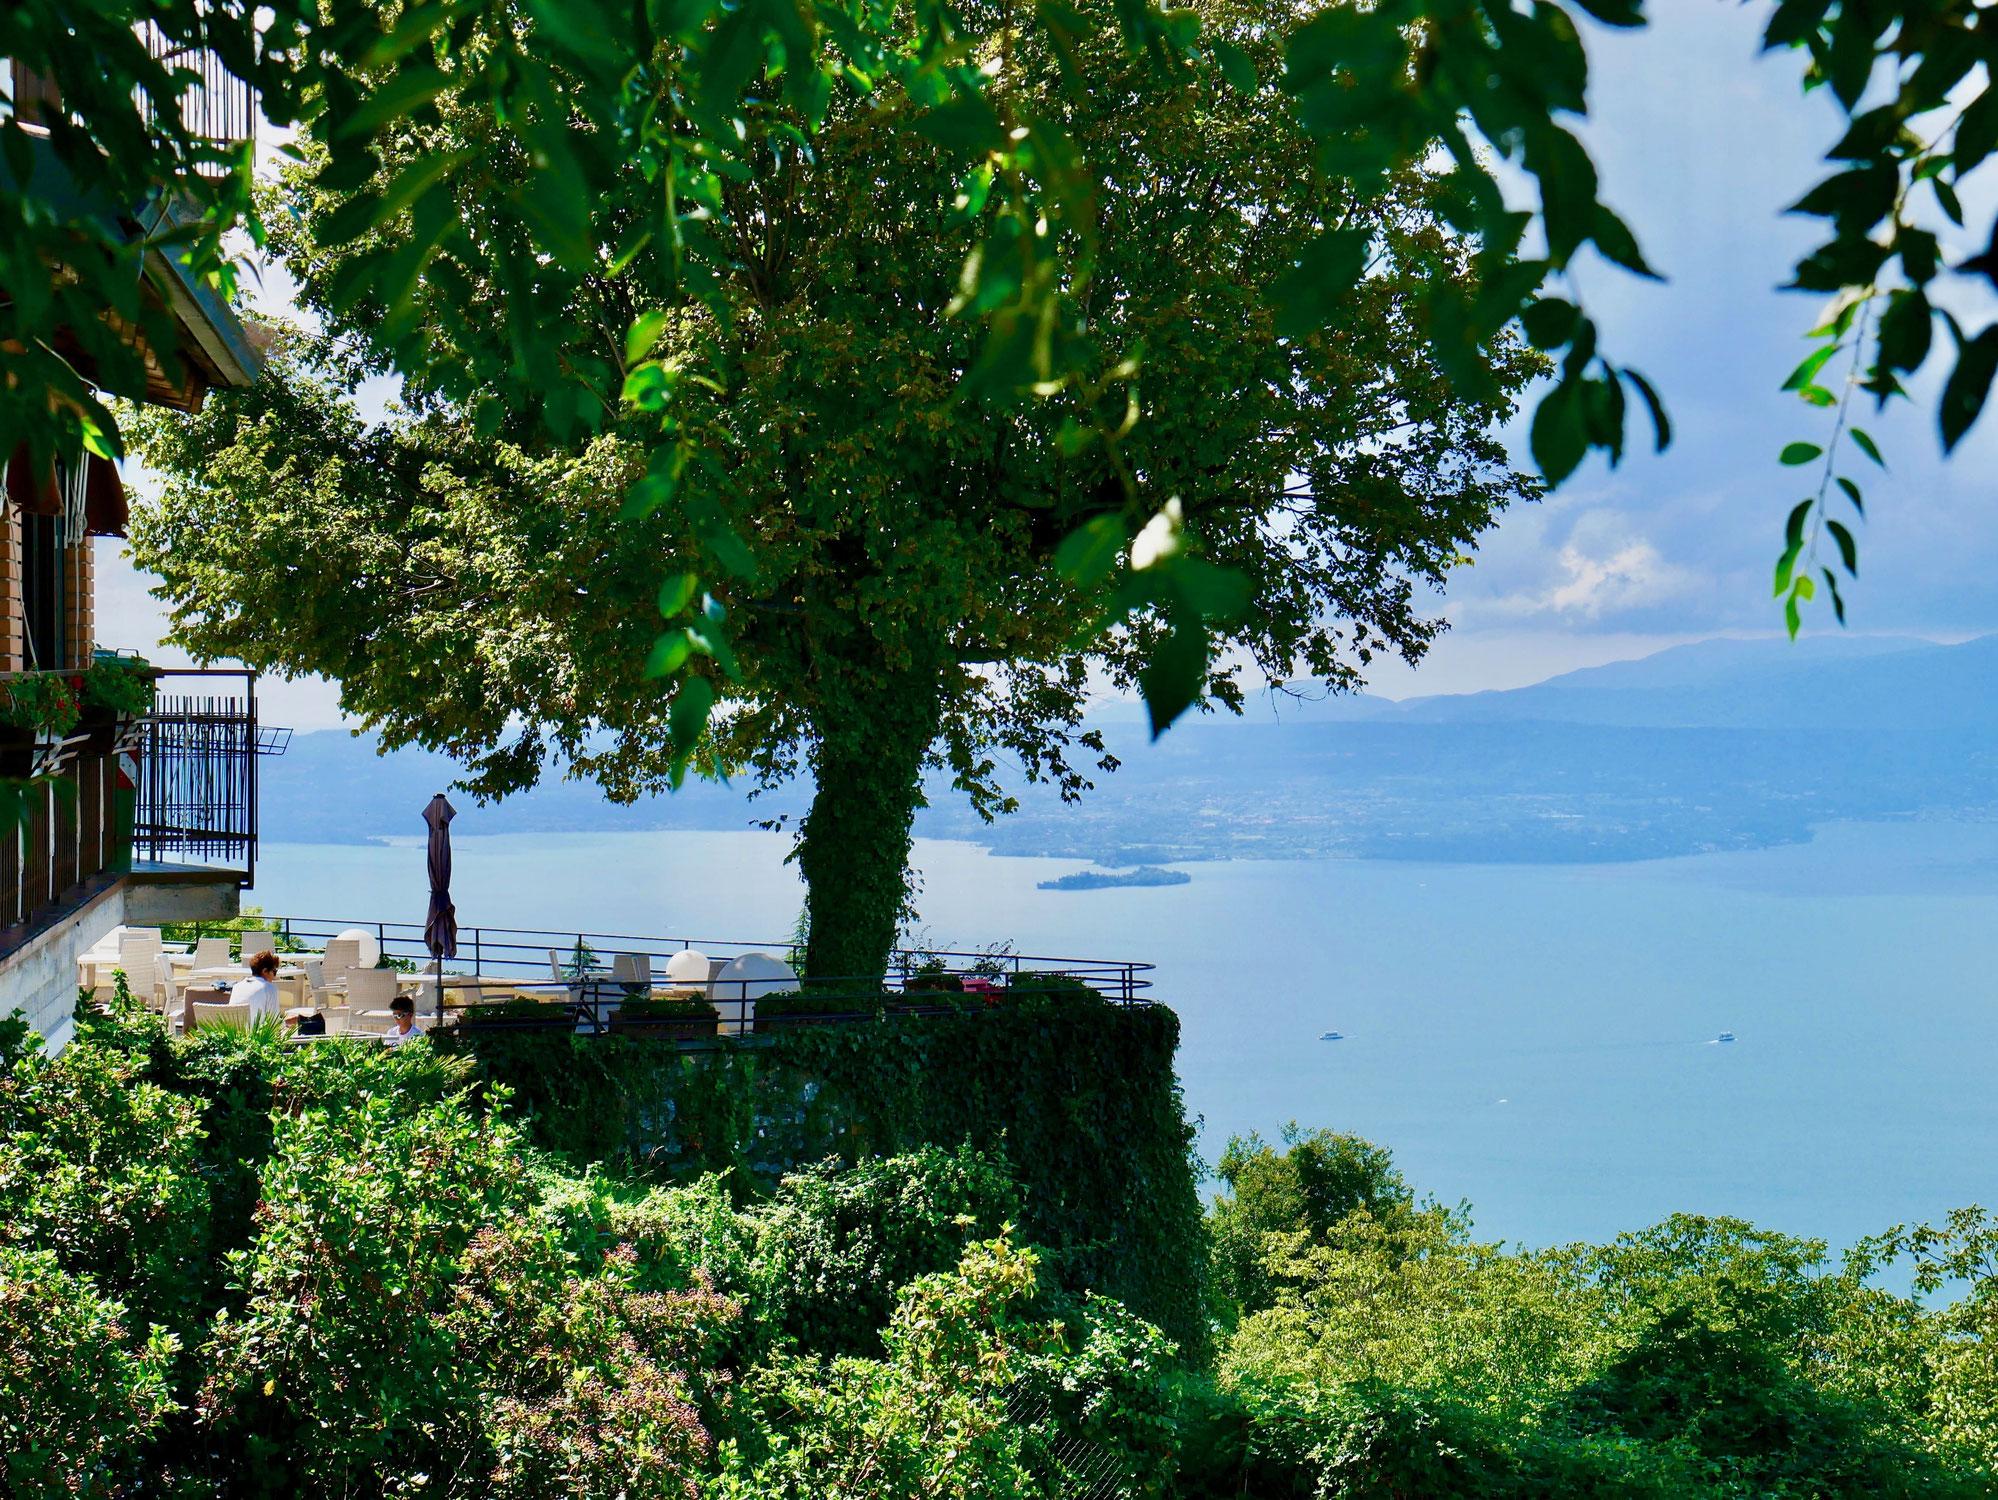 Die schönsten Aussichtspunkte am Gardasee: Unsere Top 5 mit spektakulärem Blick